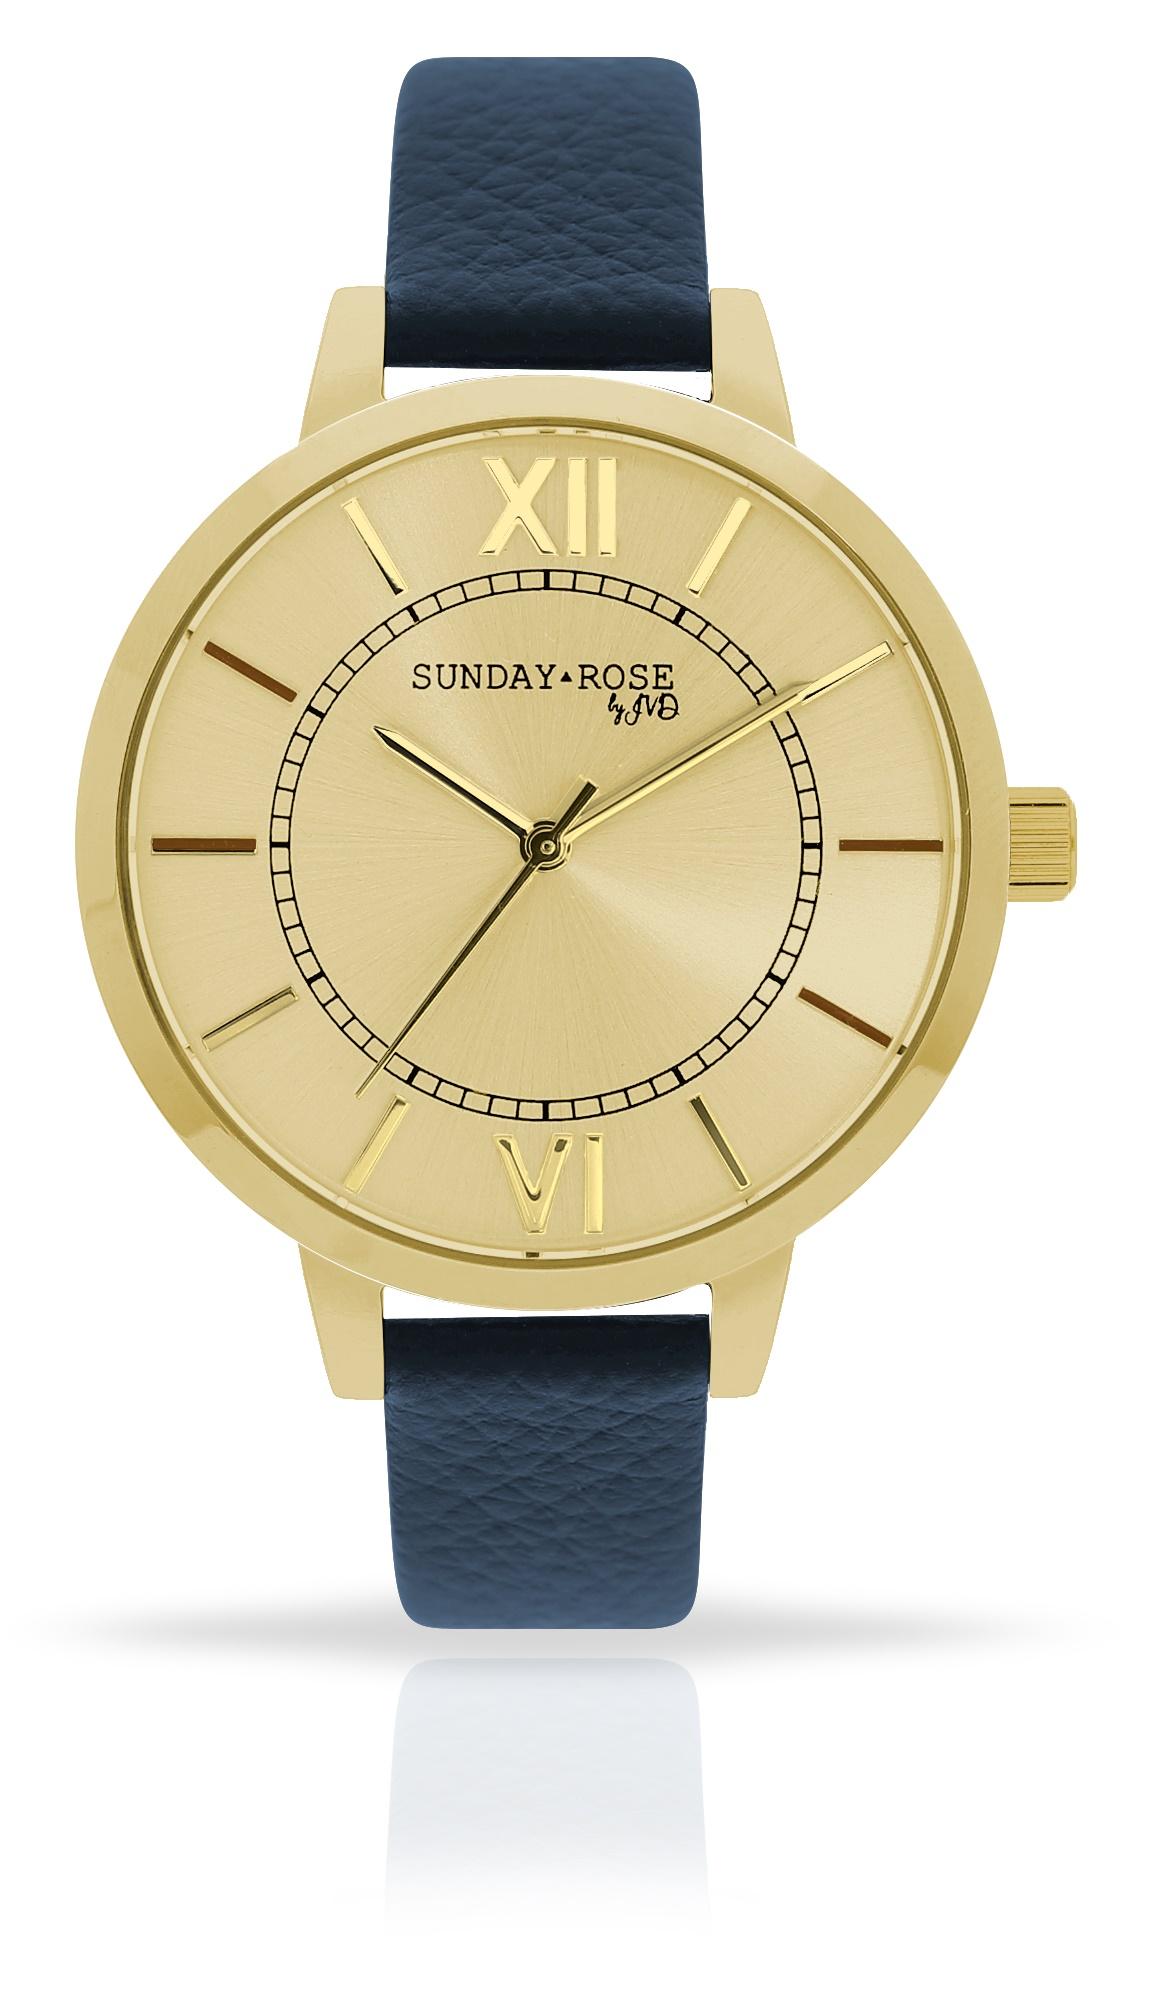 Dámské luxusní designové hodinky SUNDAY ROSE Classic NAVY BLUE (POŠTOVNÉ ZDARMA!!)